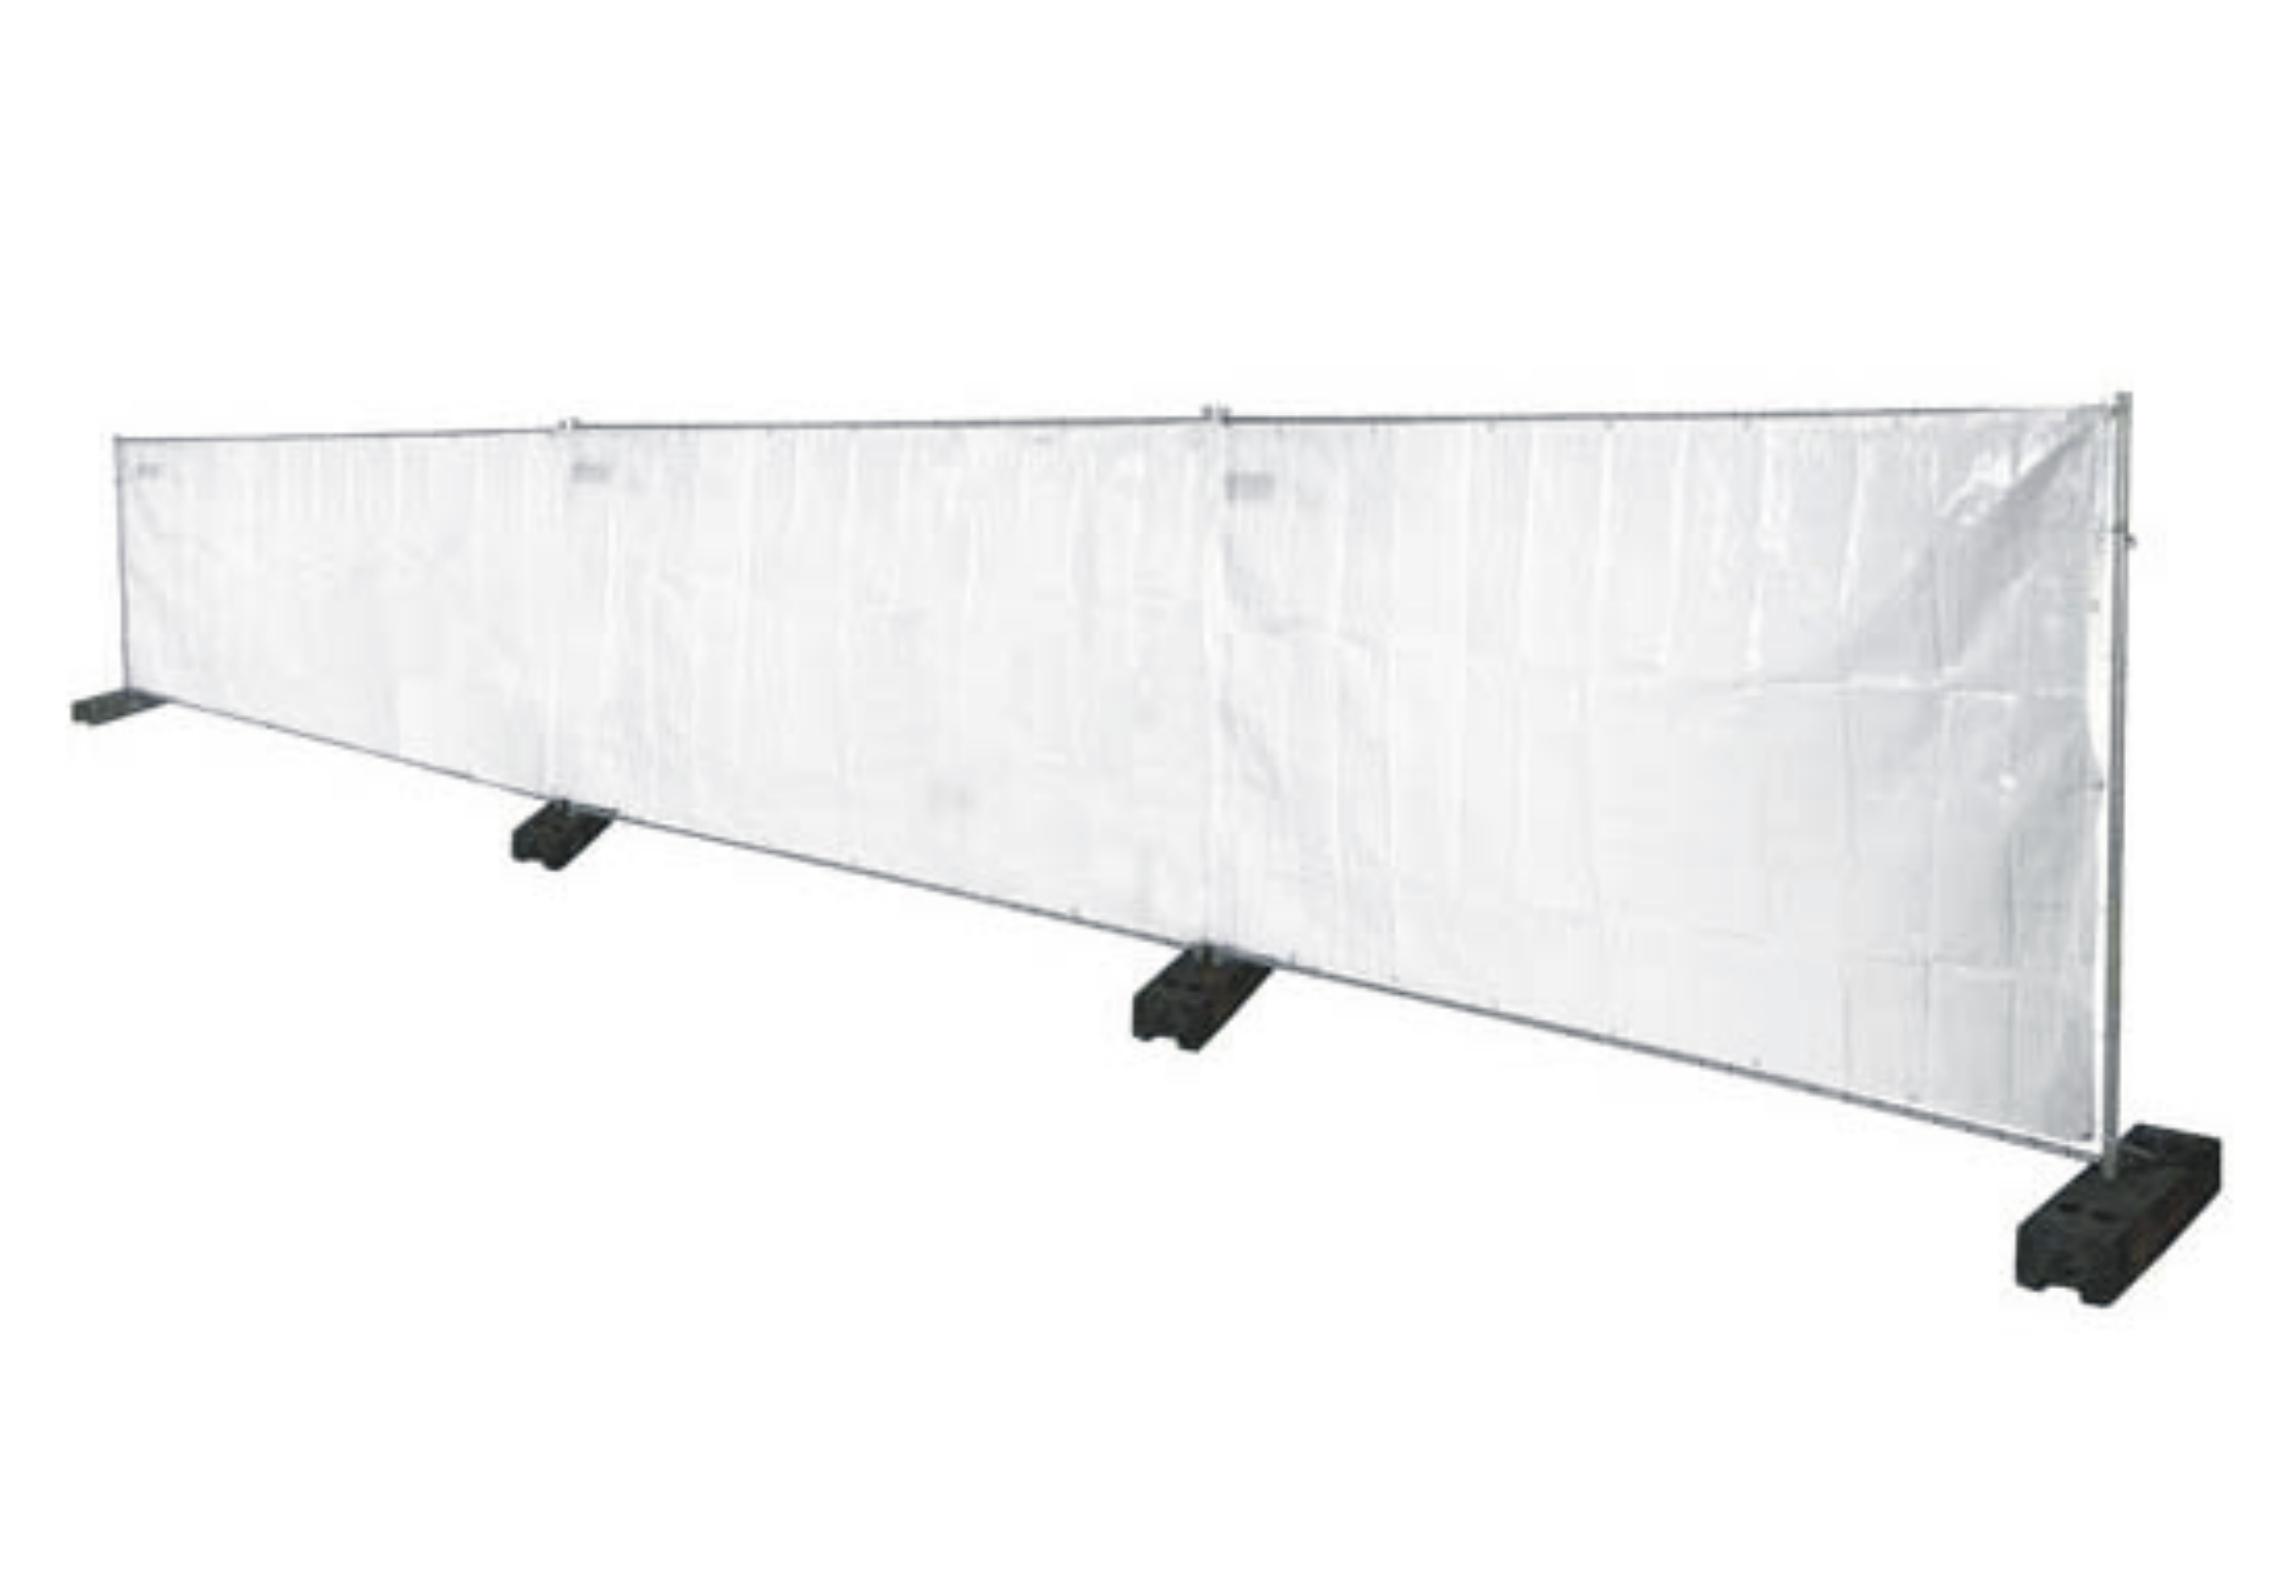 sichtschutzplane bauzaun plane h m r gmbh. Black Bedroom Furniture Sets. Home Design Ideas